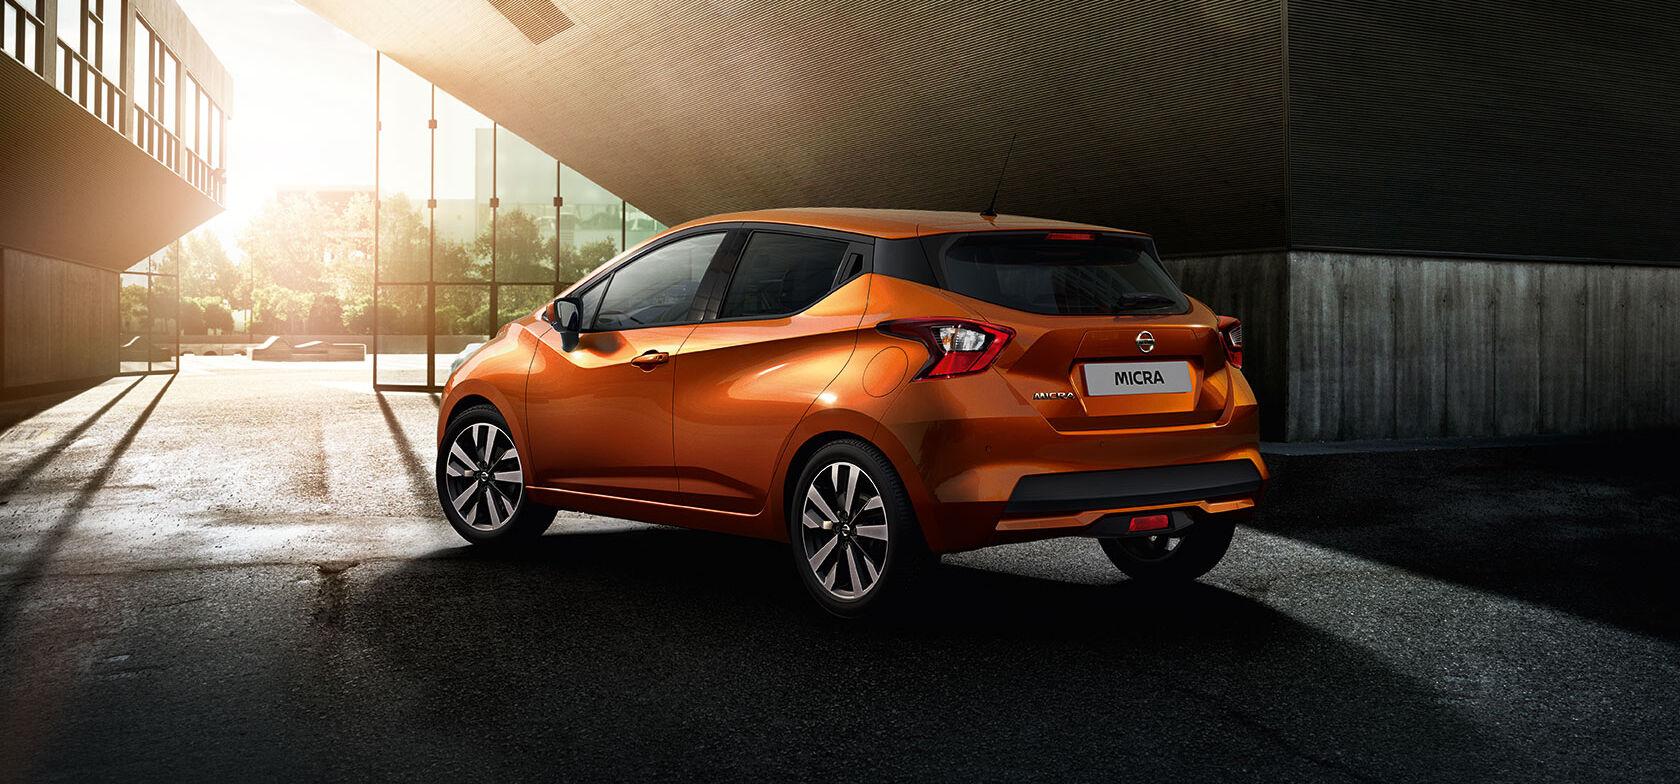 Nissan Micra kampanjahintaan